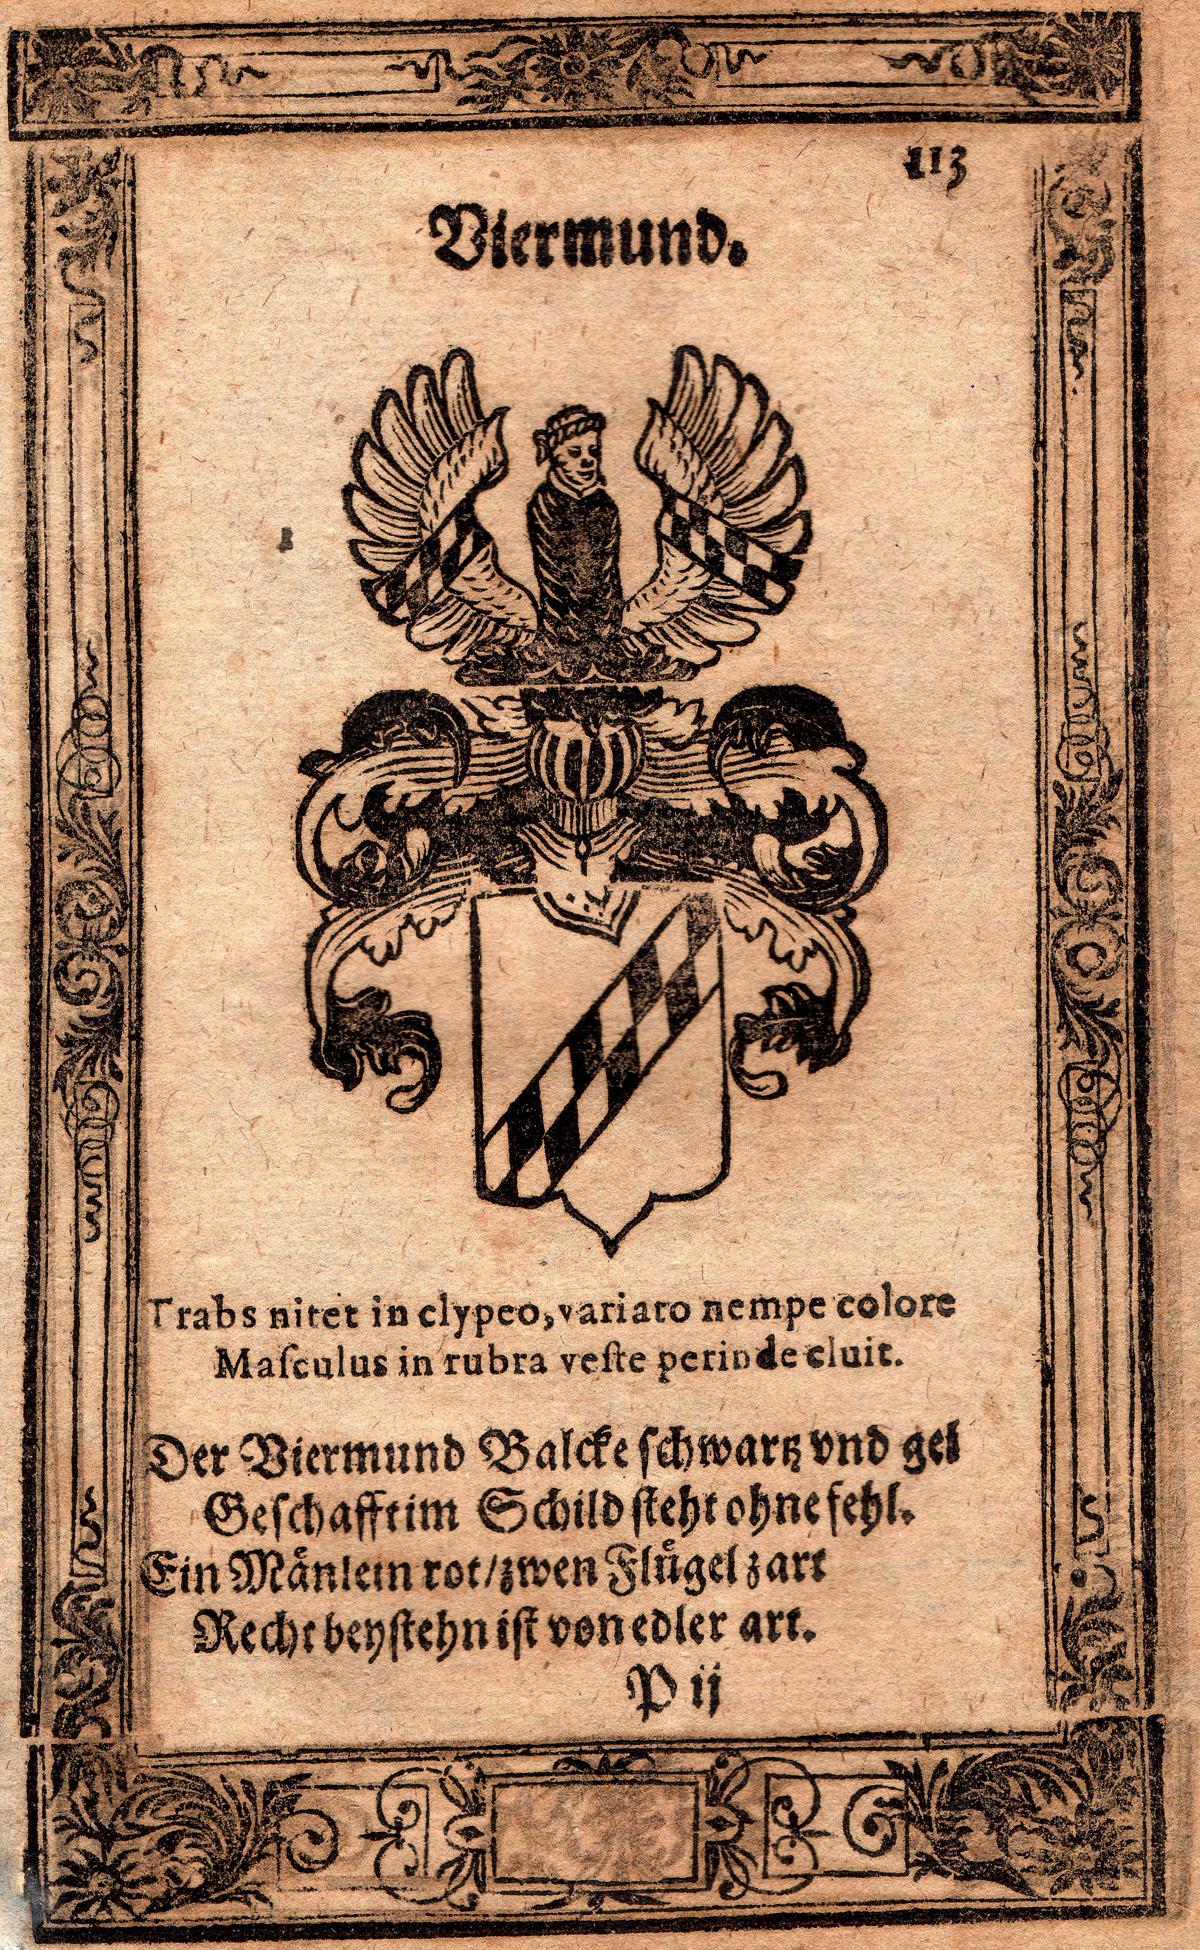 HERALDIK - Viermund Kupferstich aus Hessisches Wappenbuch, ca. 1625